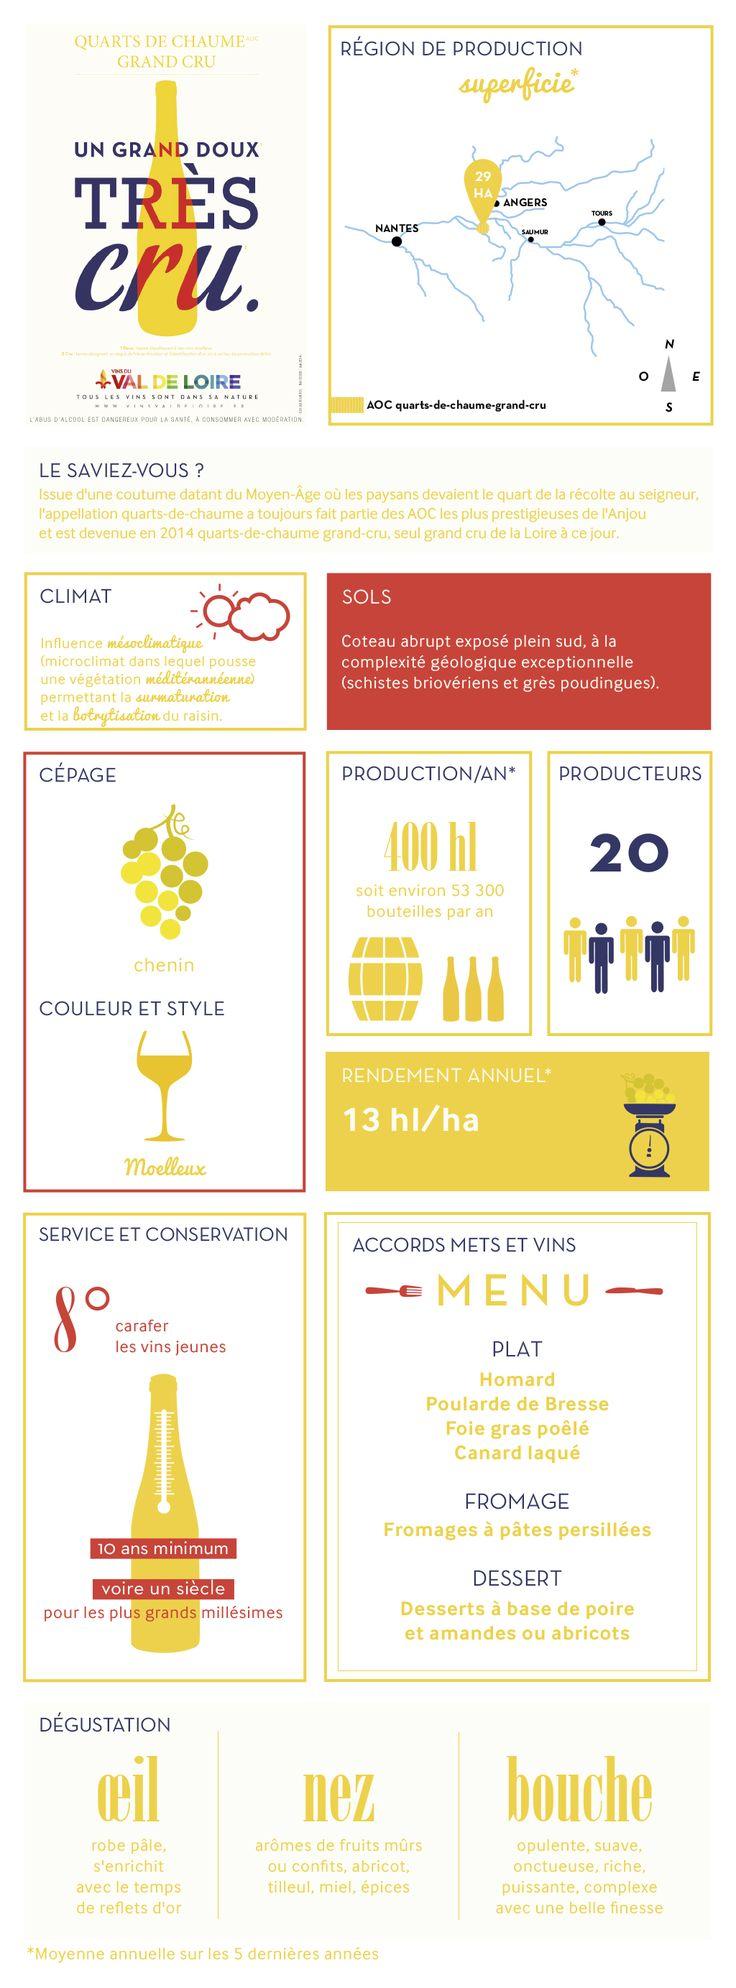 Fiche illustrée du Quarts de Chaume Grand Cru, son cépage, sa production, sa dégustation...